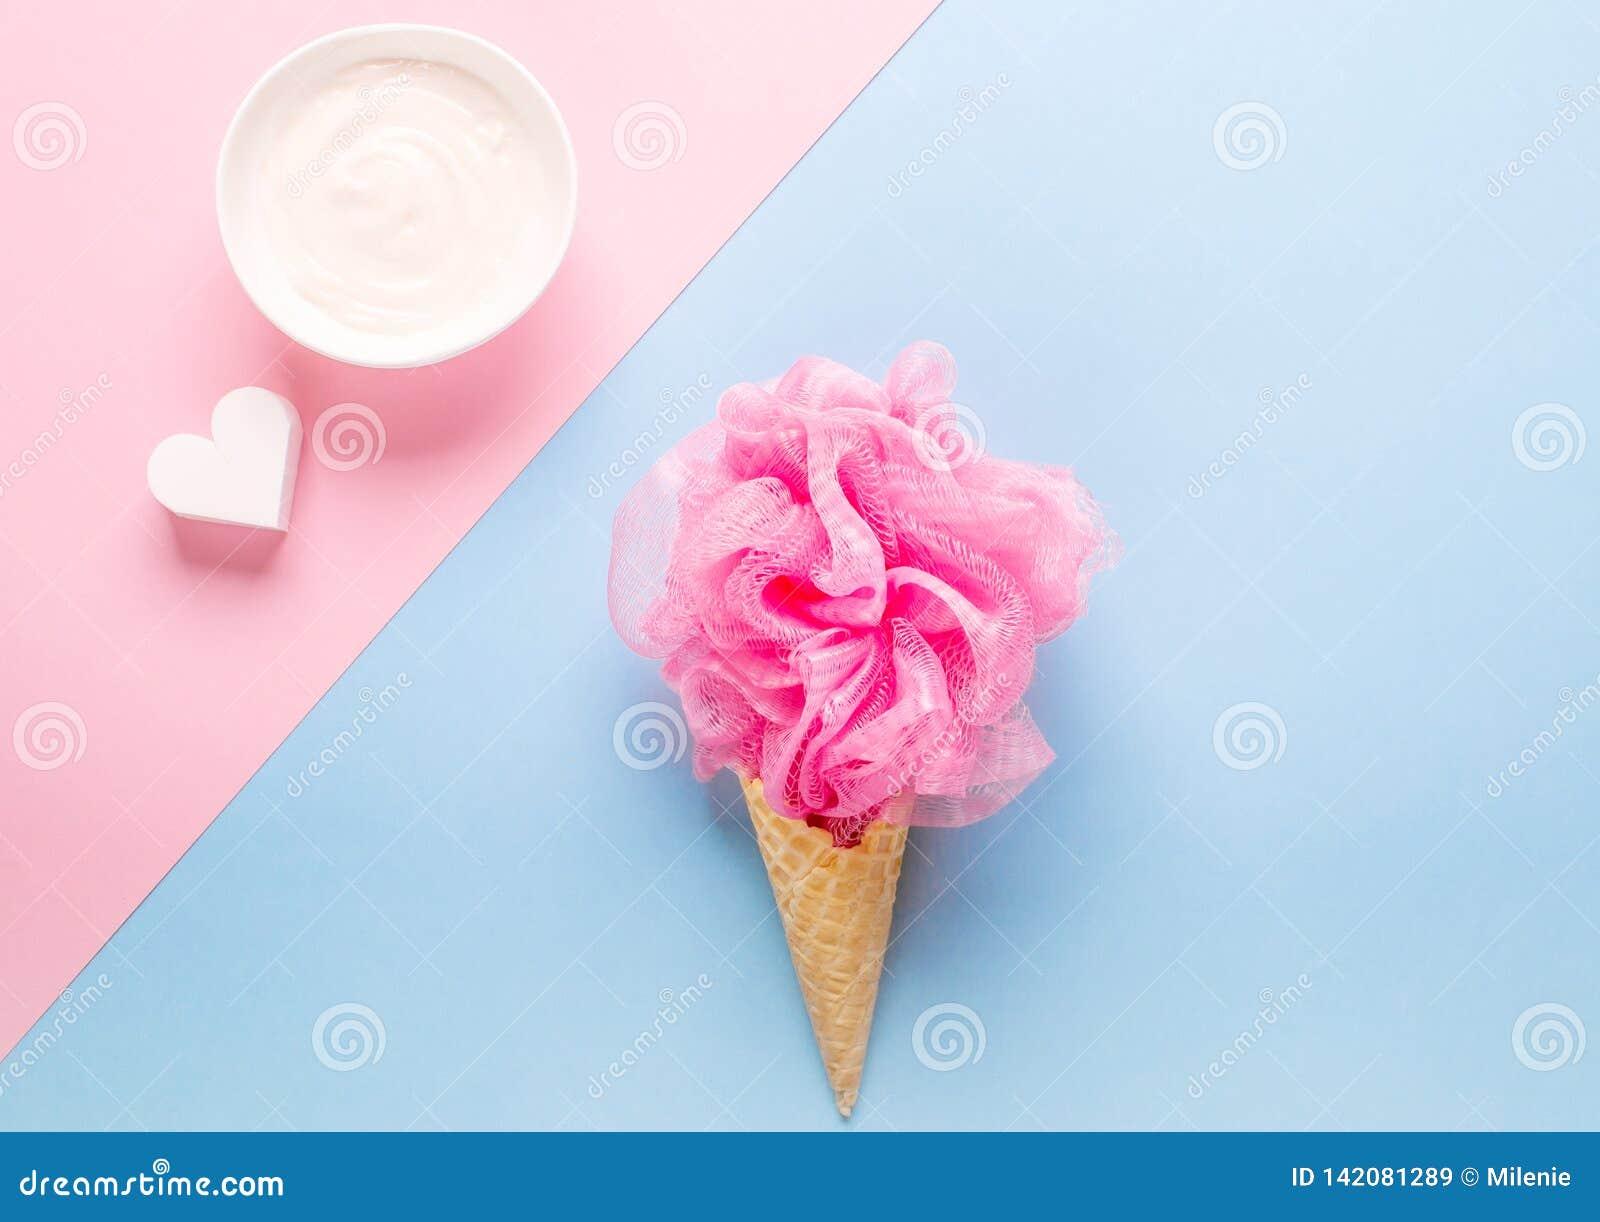 Zusammensetzung der Eistüte mit rosa Bündel des Bastes auf einem hellblauen Hintergrund